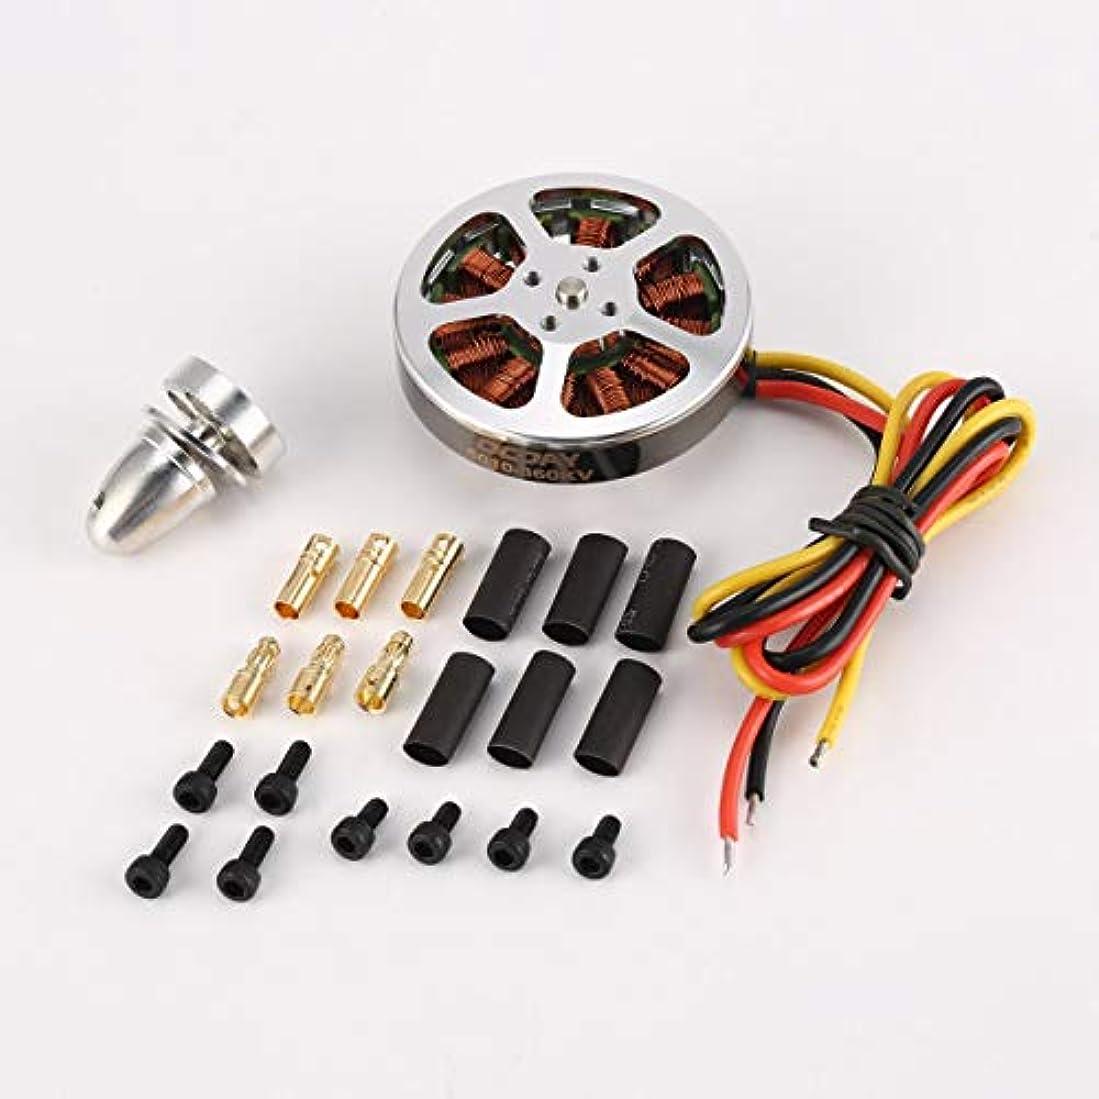 電気謎めいた賠償DeeploveUU 110g 5010 360KV高トルクアルミブラシレスモーター用ZD550 ZD850 RCマルチコプタークアドコプター